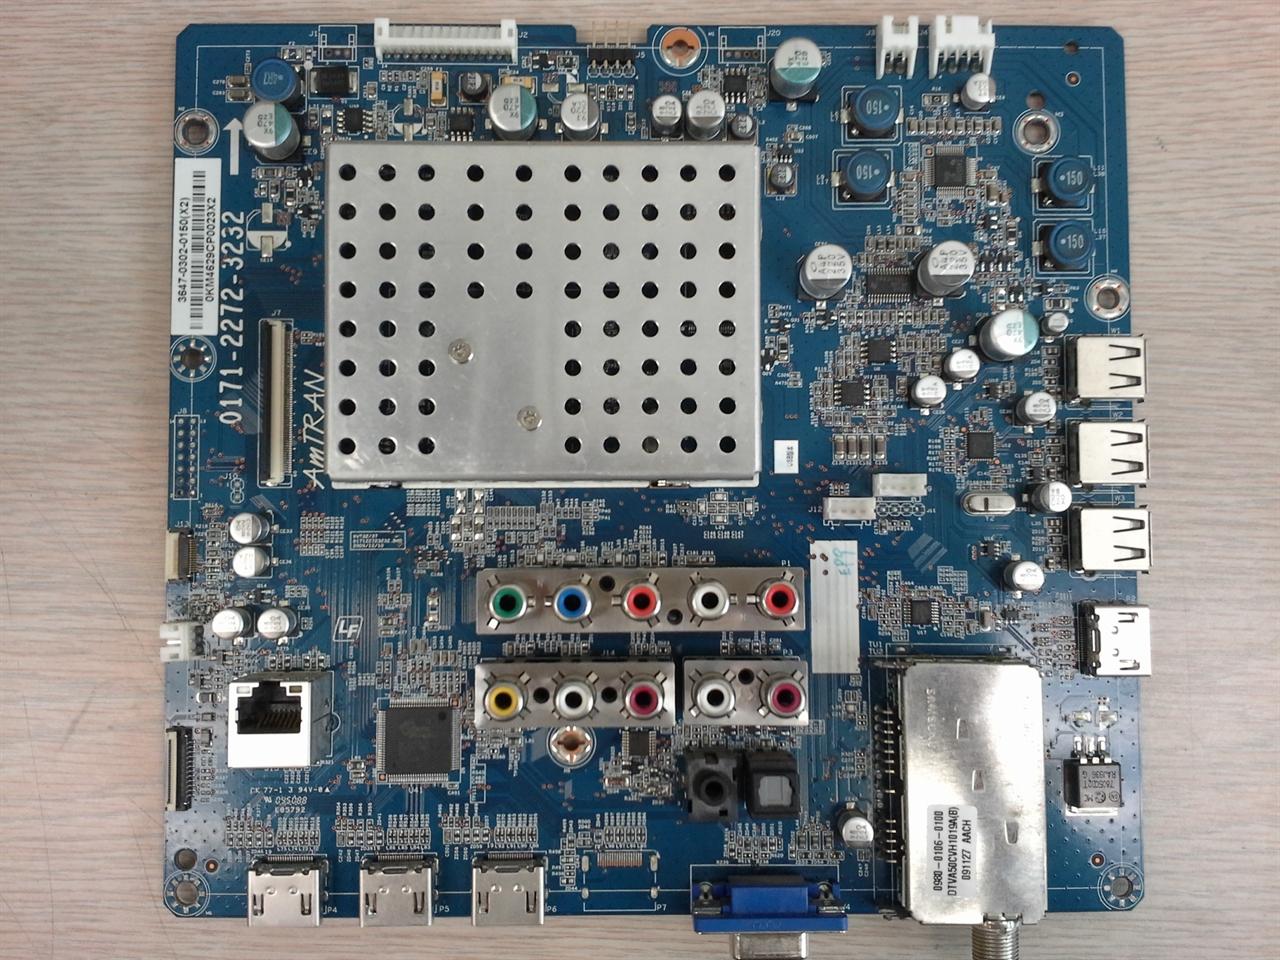 Picture of 0171-2272-3237 Vizio main board repair service for dead, blinking